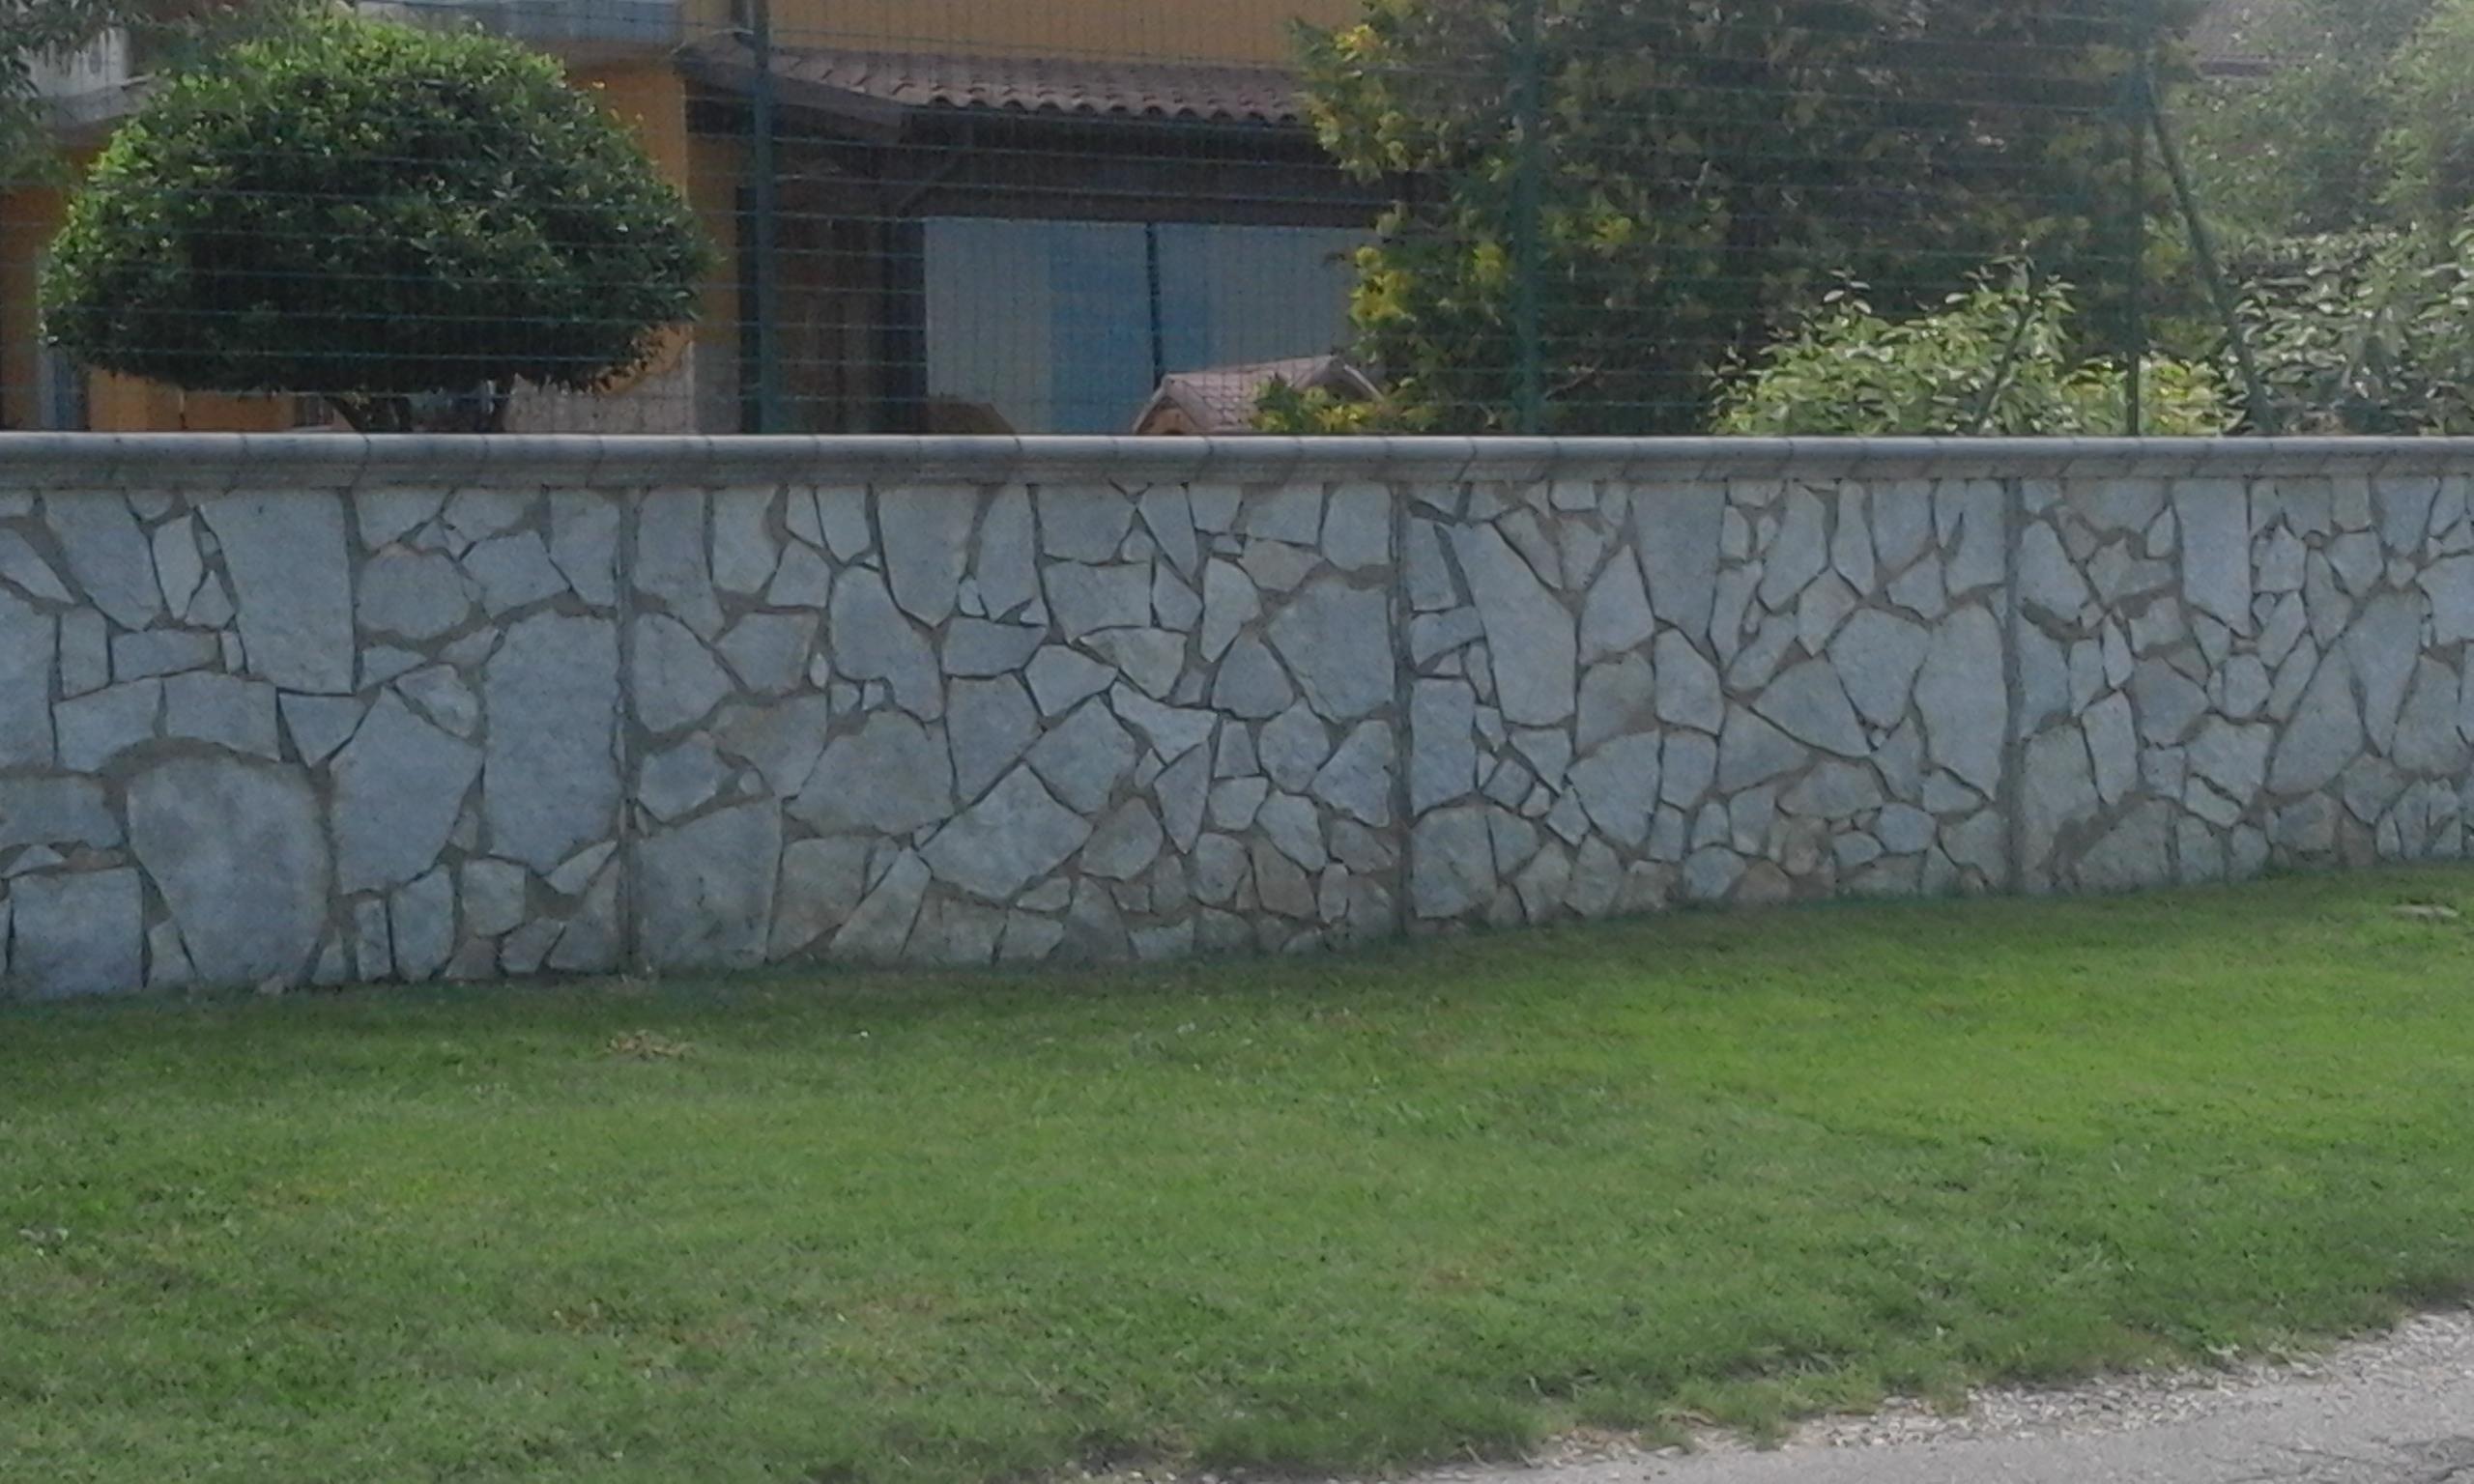 Realizziamo elementi prefabbricati rivestiti in pietra naturale adatti a muri di recinzione e di sostegno per ridurre l'impatto ambientale.